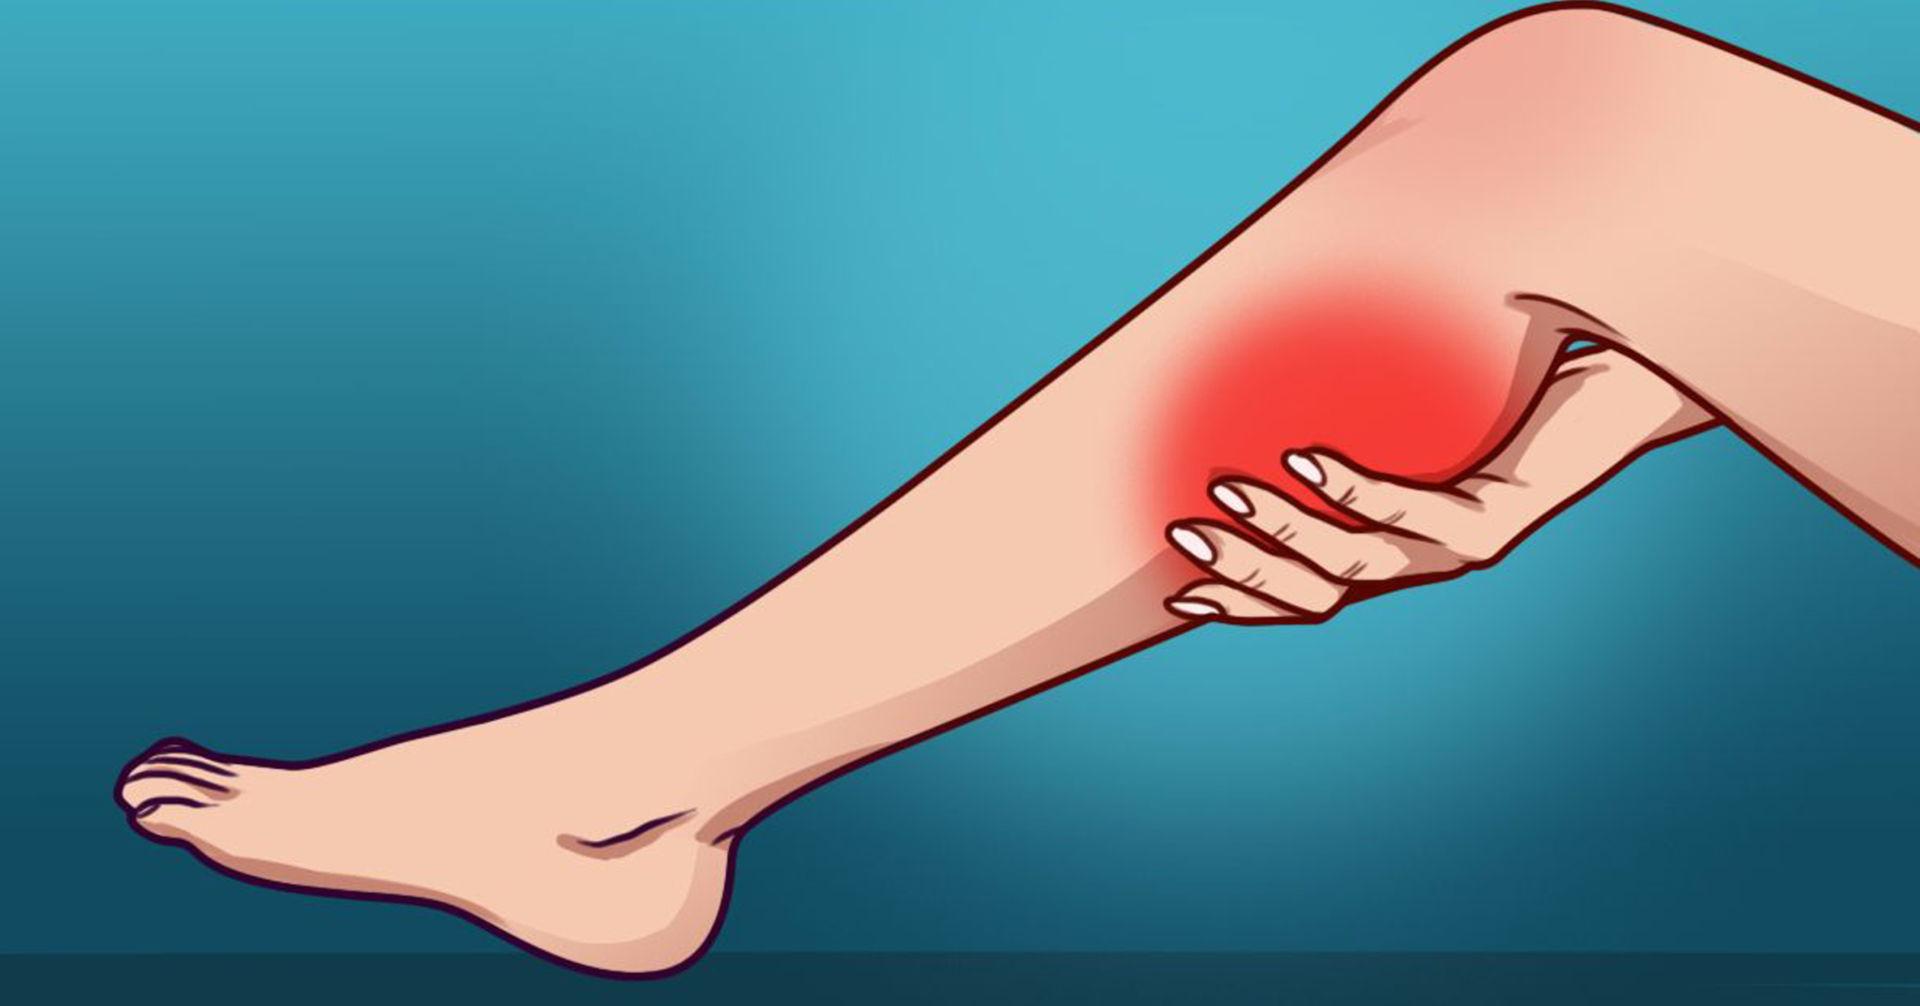 Nguyên nhân và cách chữa vọp bẻ - 2